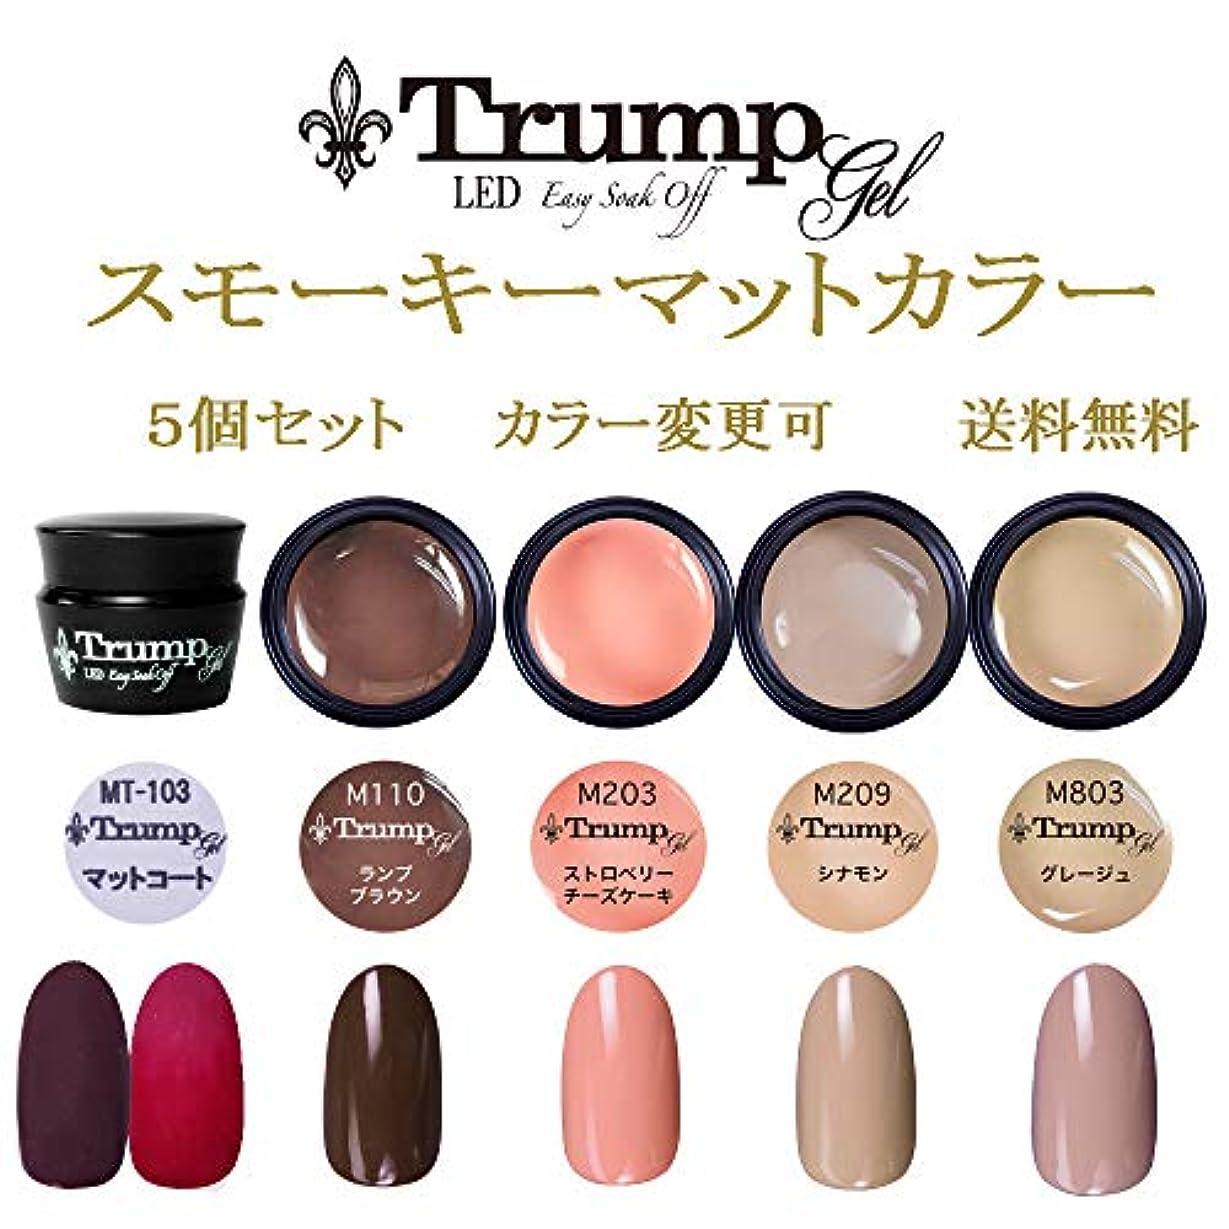 ロッドヒント一時的【送料無料】日本製 Trump gel トランプジェル スモーキーマット カラージェル 5個セット 魅惑のフロストマットトップとマットに合う人気カラーをチョイス